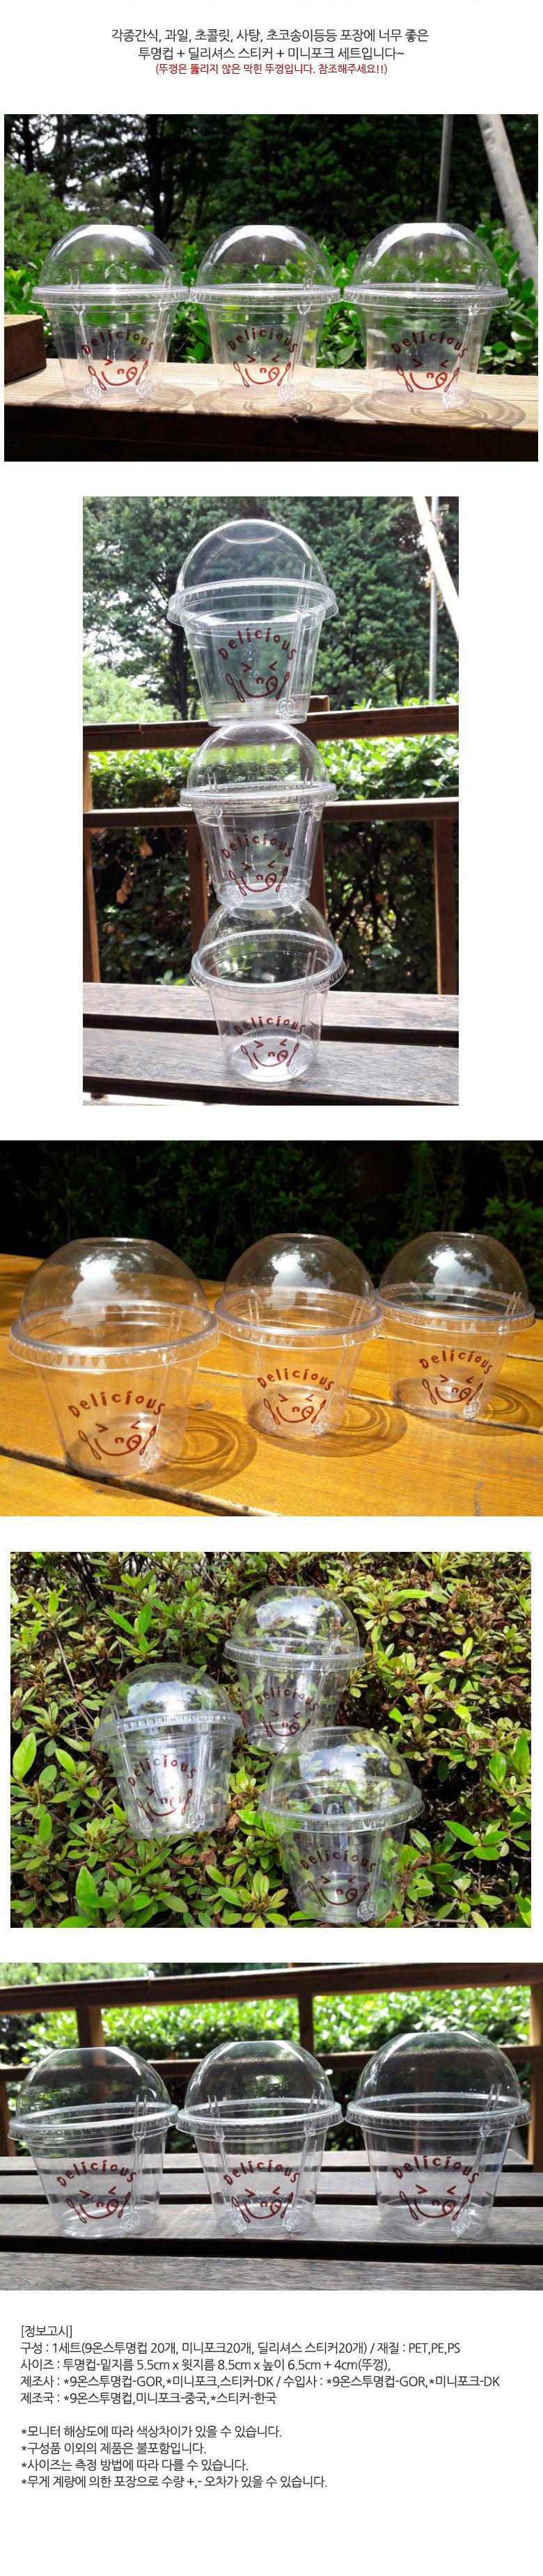 딜리셔스 투명컵세트 20P - 이홈베이킹, 5,300원, 머그컵, 플라스틱 컵